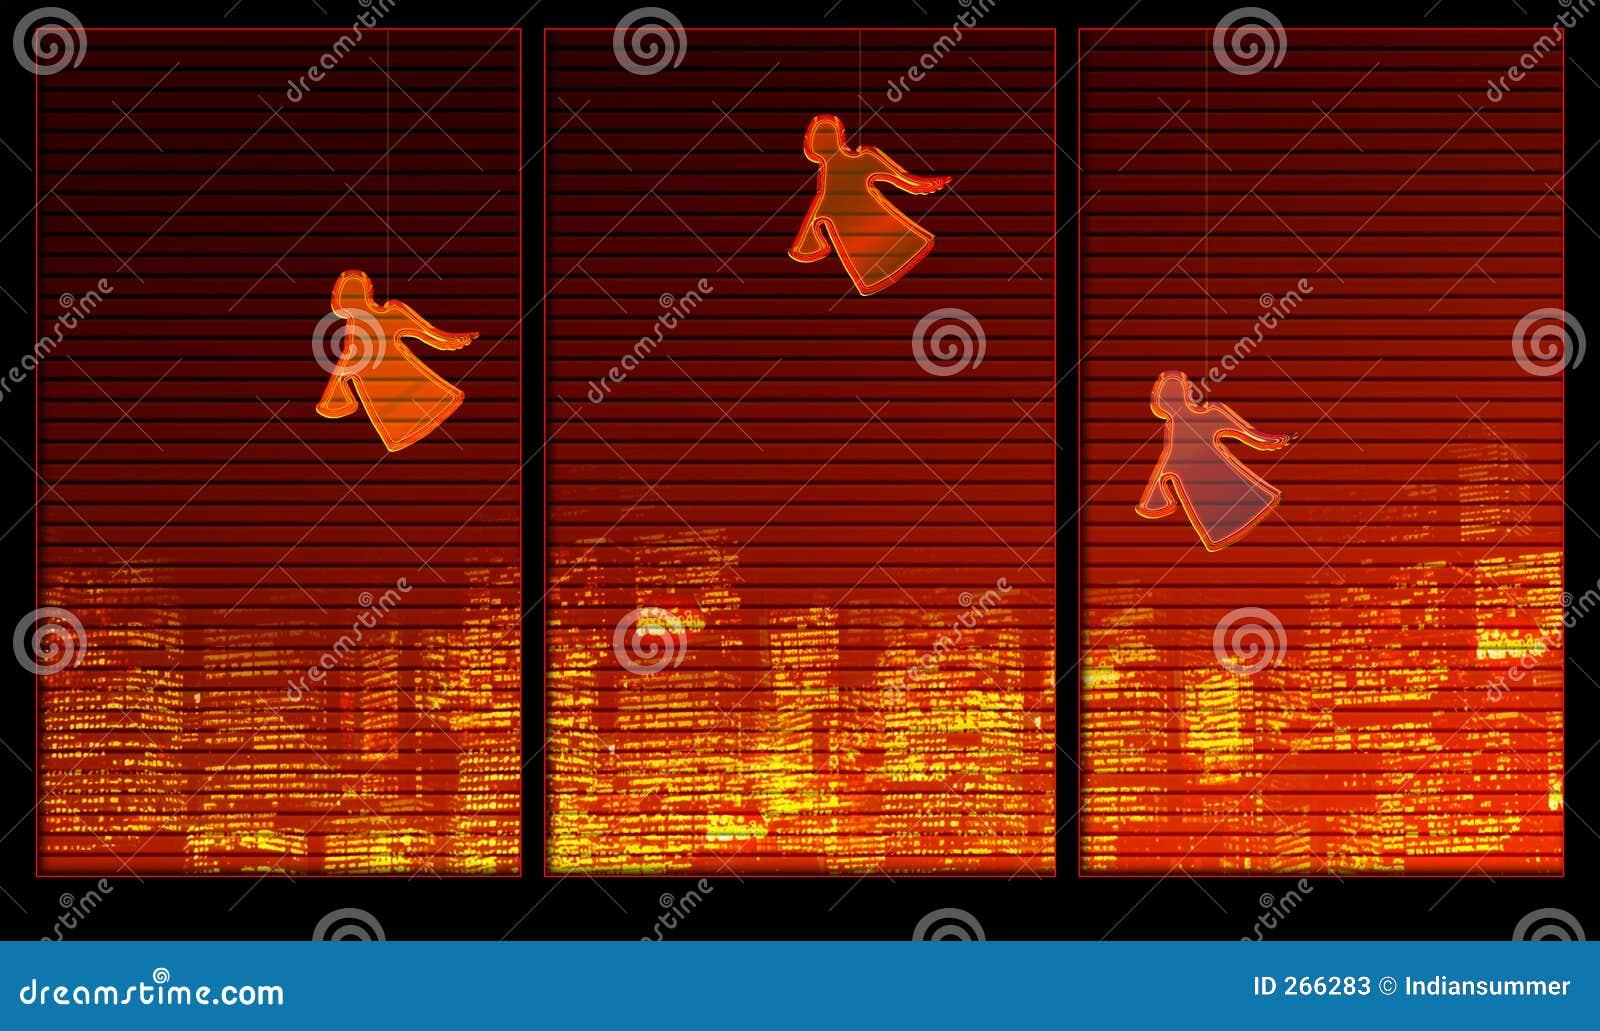 Serie della priorità bassa della finestra. Angeli sulla finestra